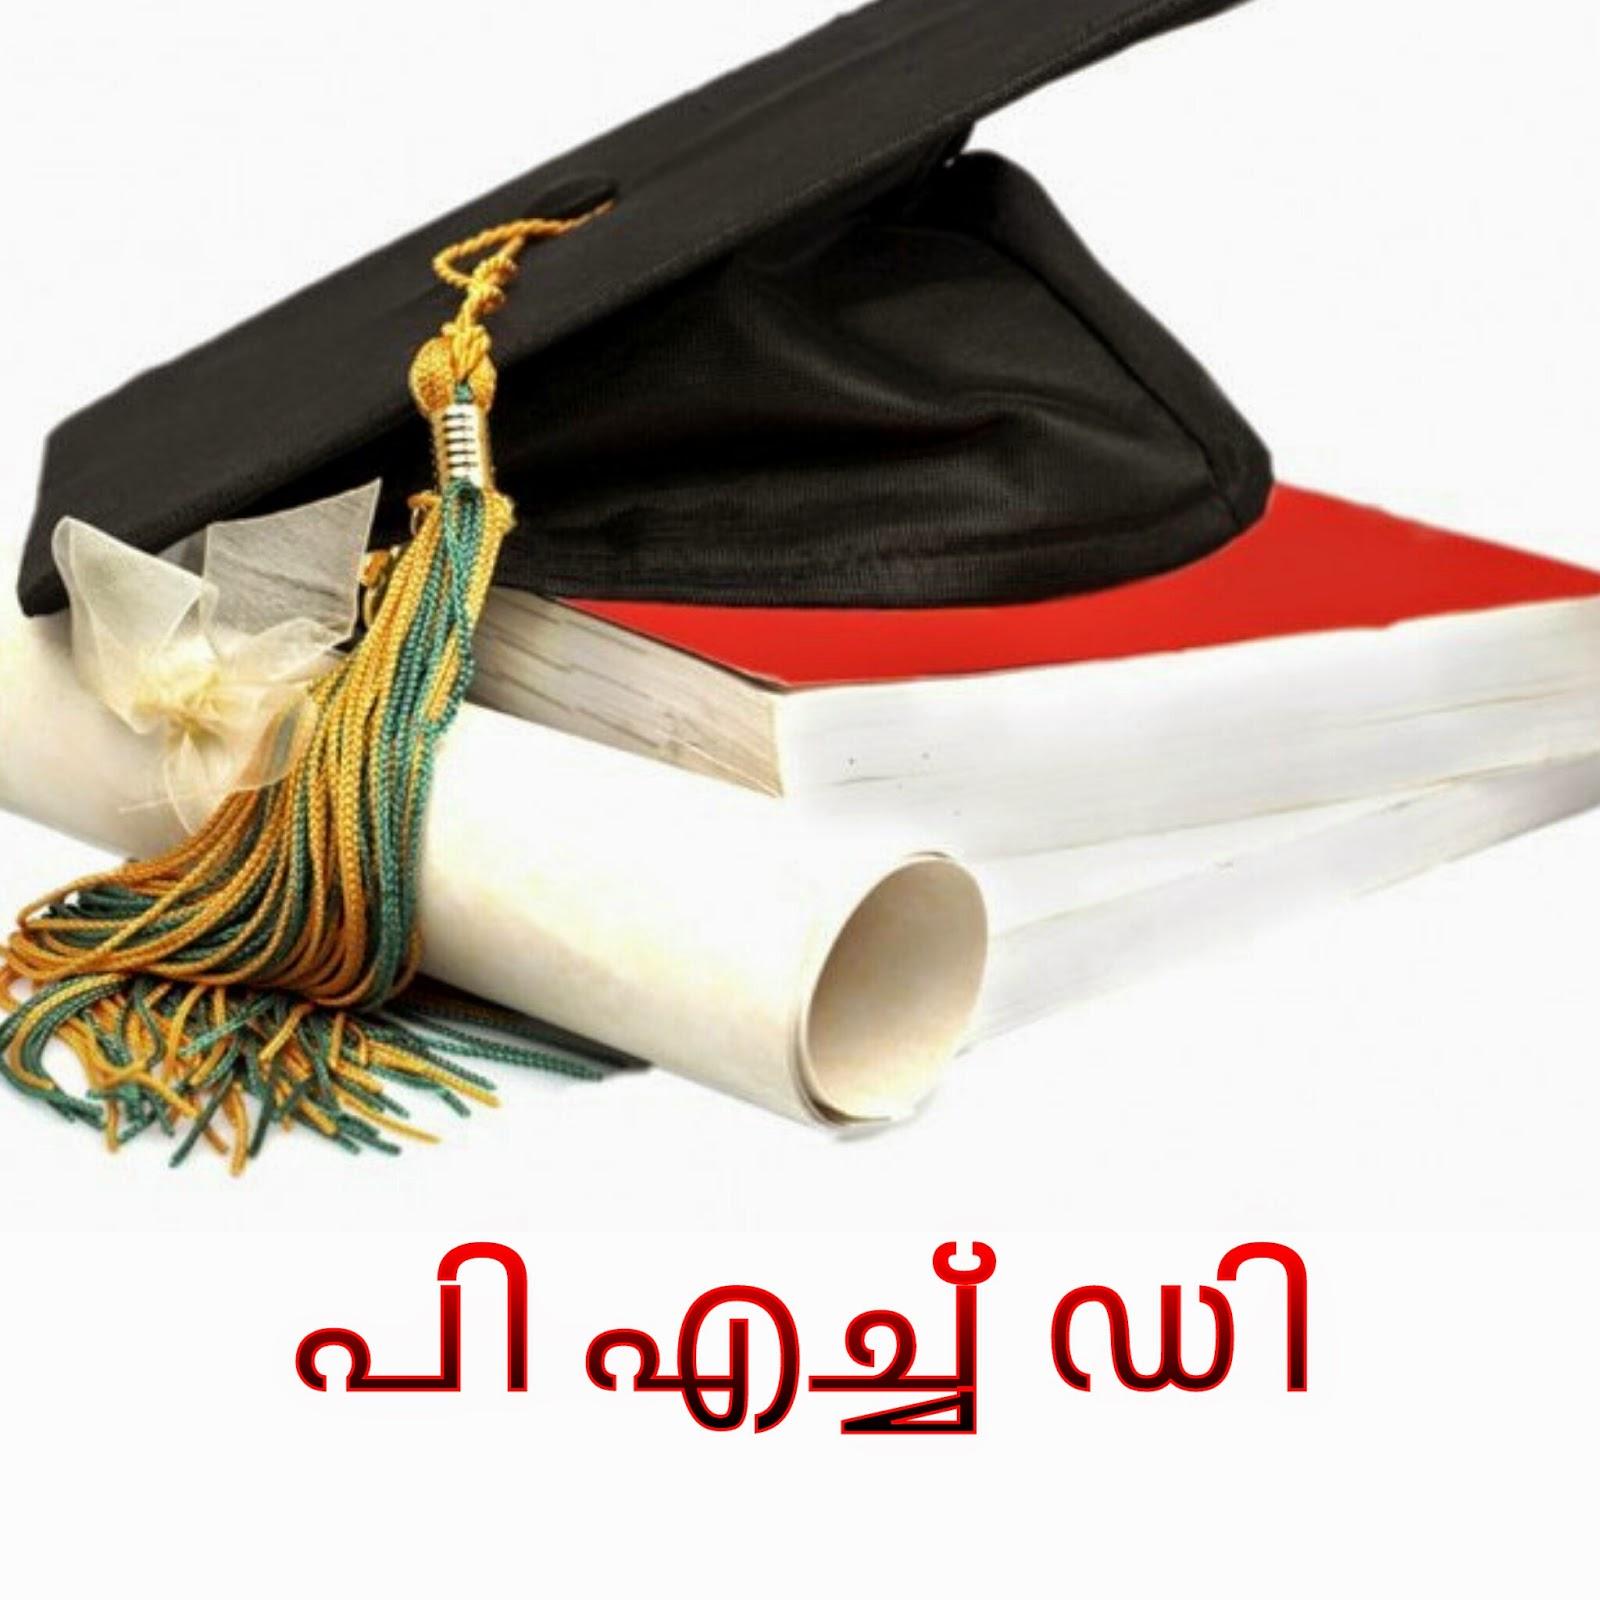 http://malayalaaikyavedi.blogspot.in/p/blog-page_65.html